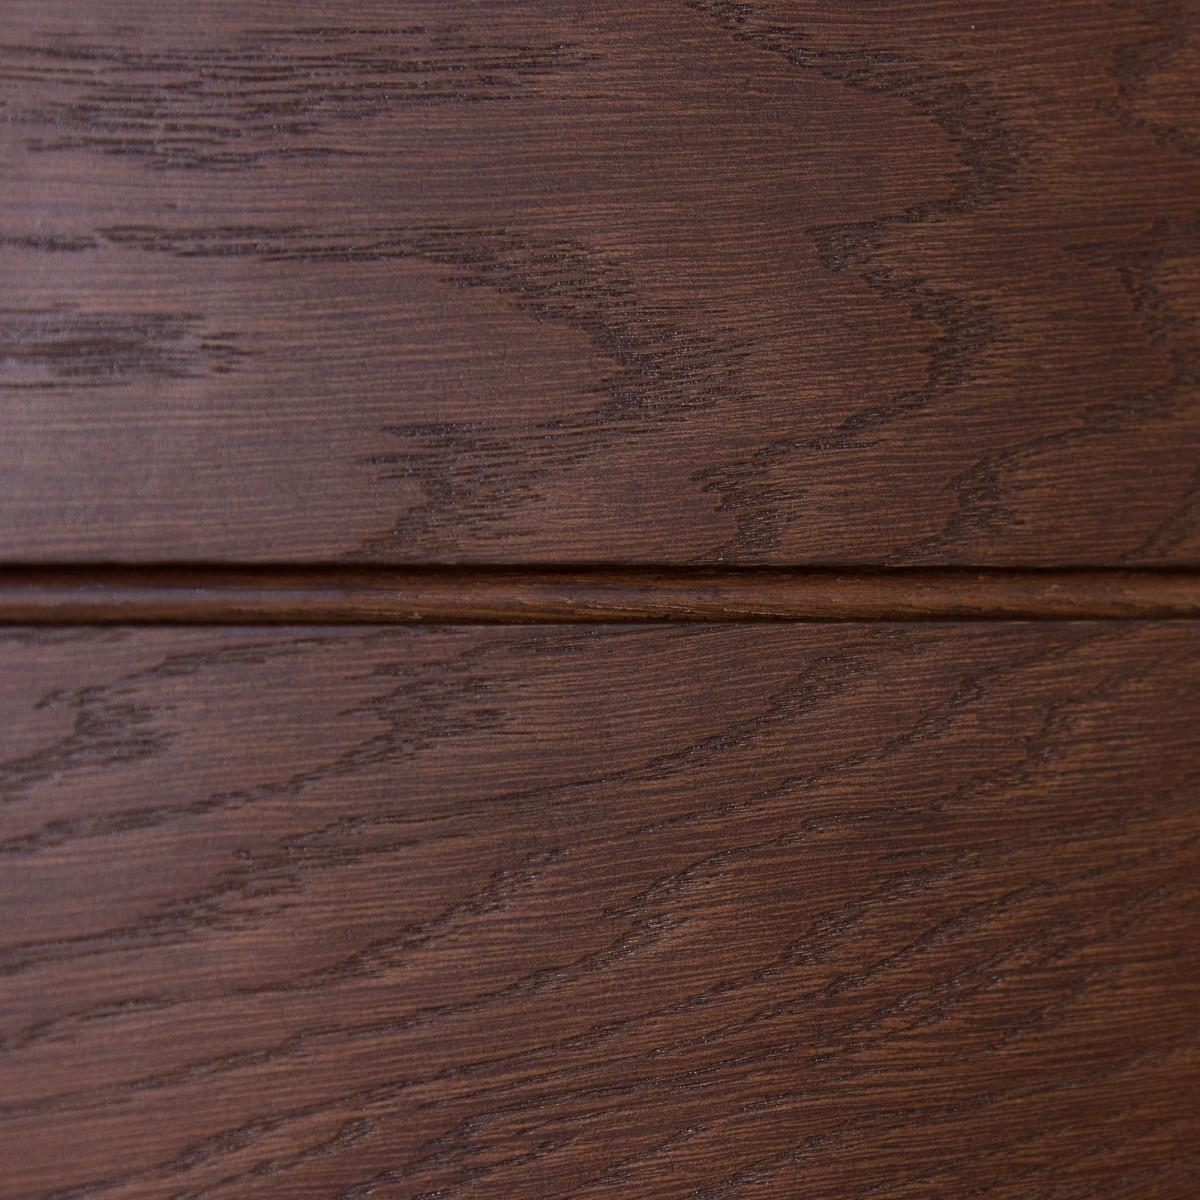 Дверь Межкомнатная Глухая Шпон Антик 90x200 Цвет Дуб Антик